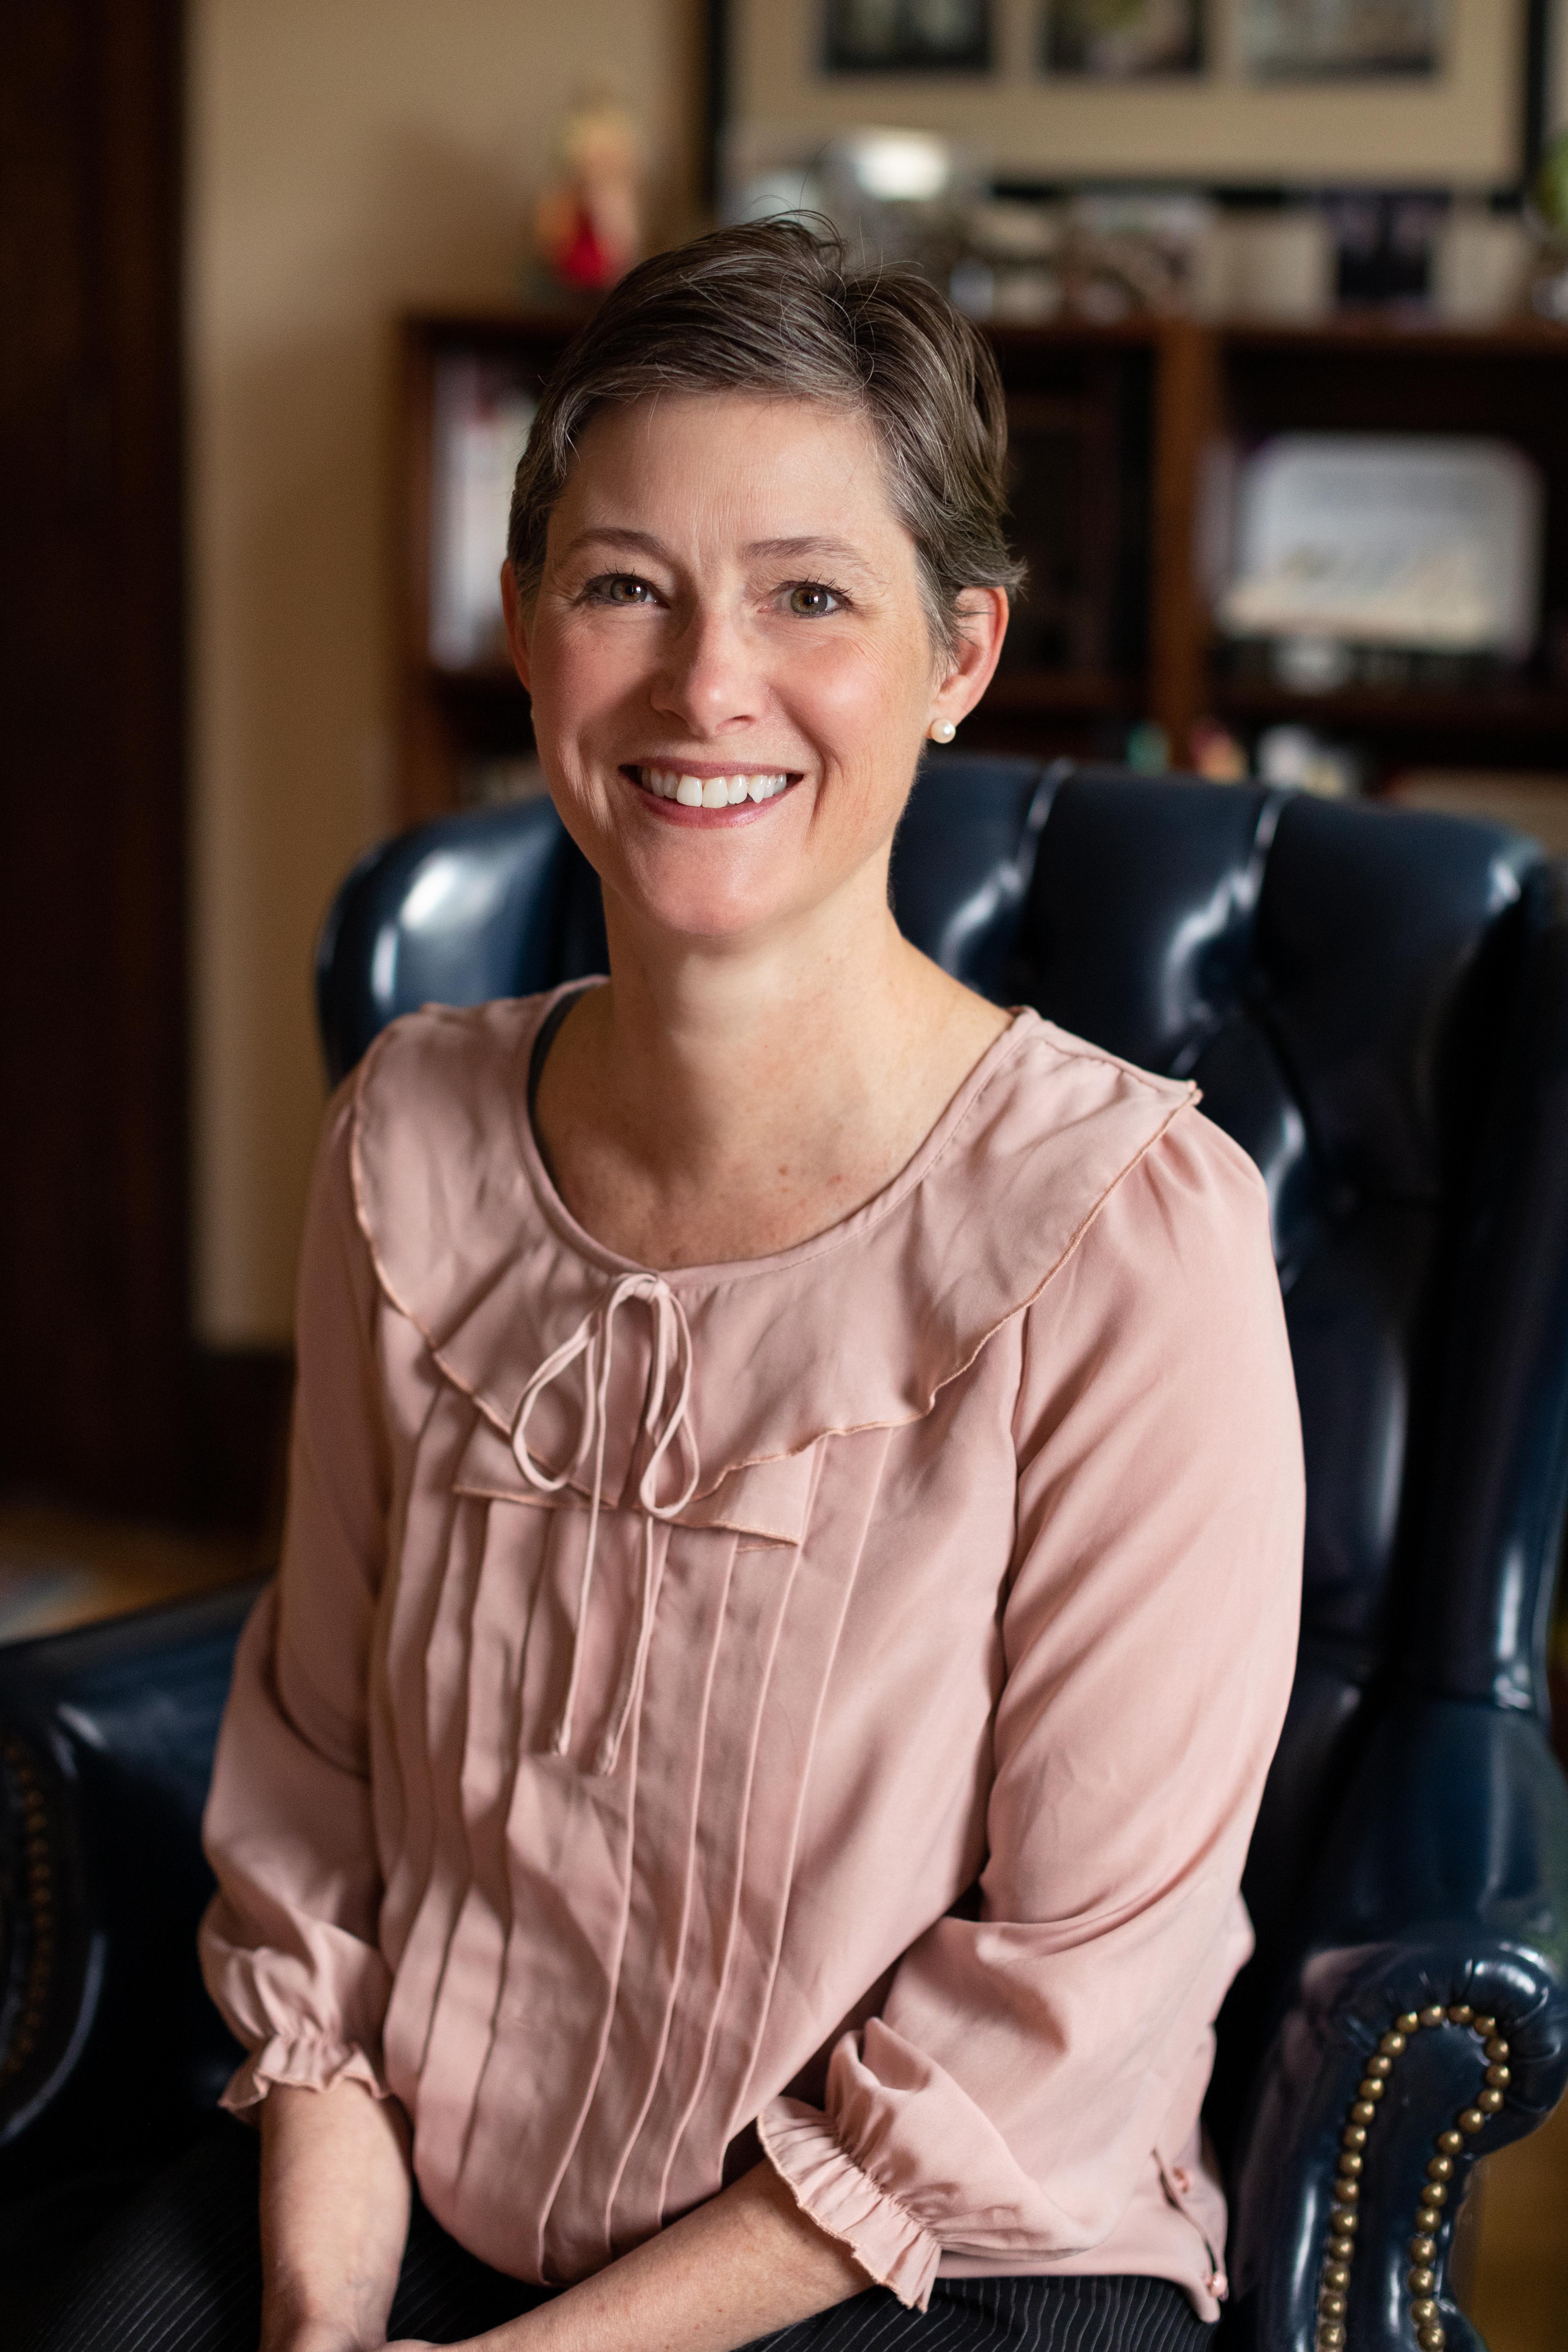 Principal Laura Hickman photo